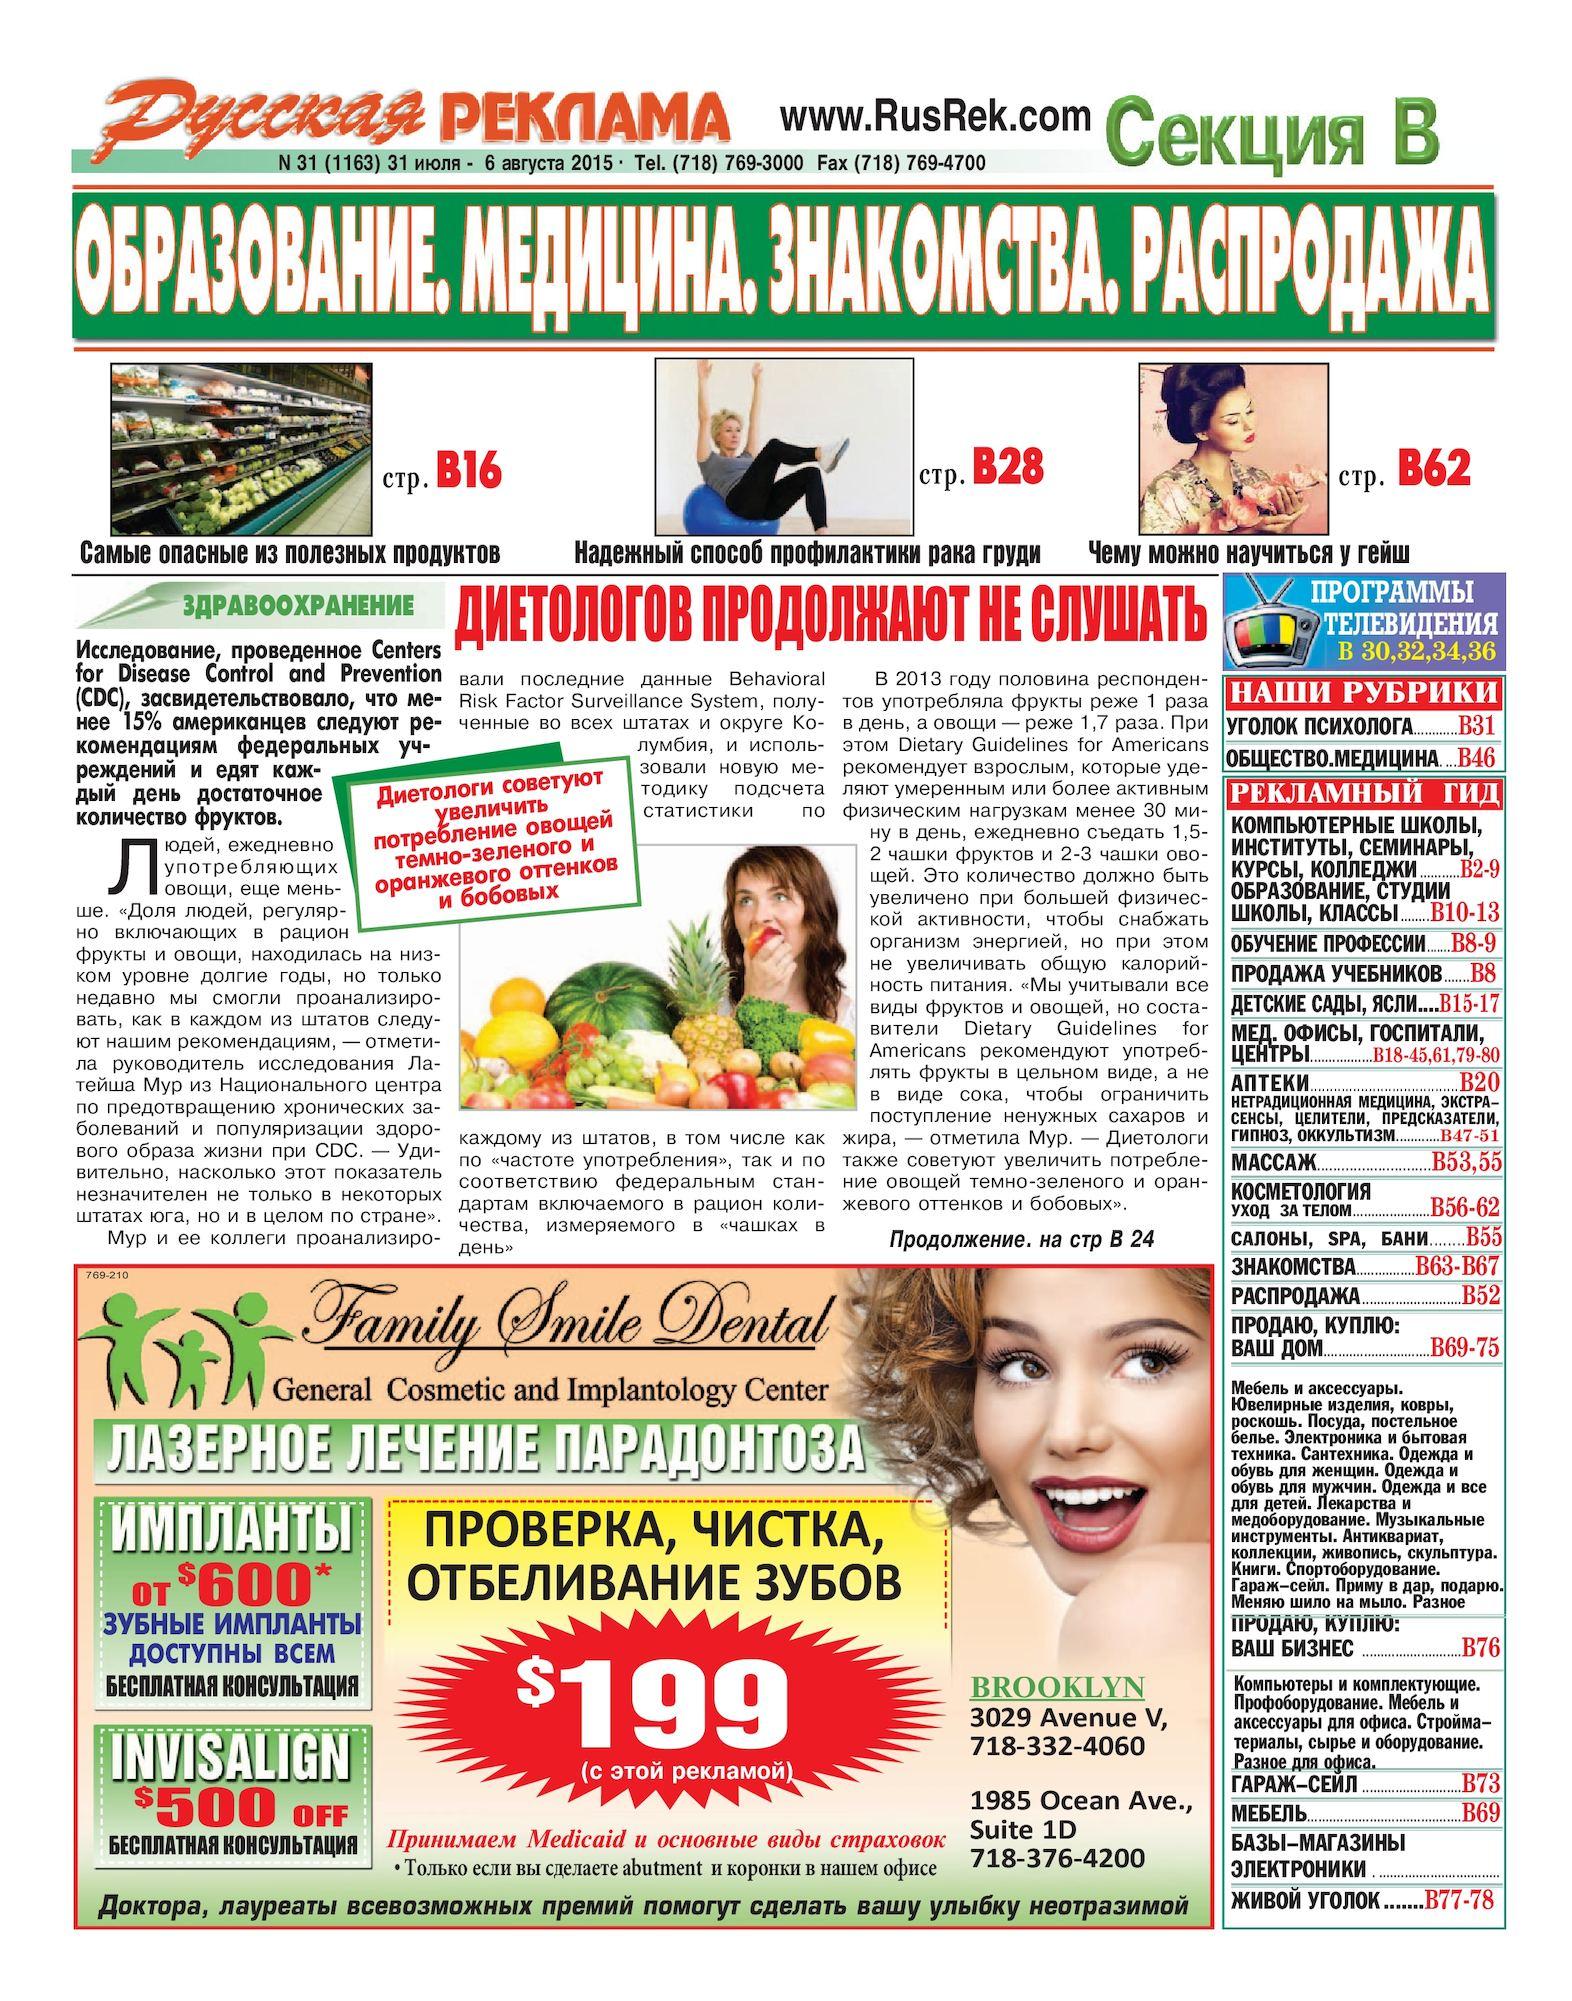 uzbek-seks-kadmiy-smotret-porno-vo-vse-diri-s-opisaniem